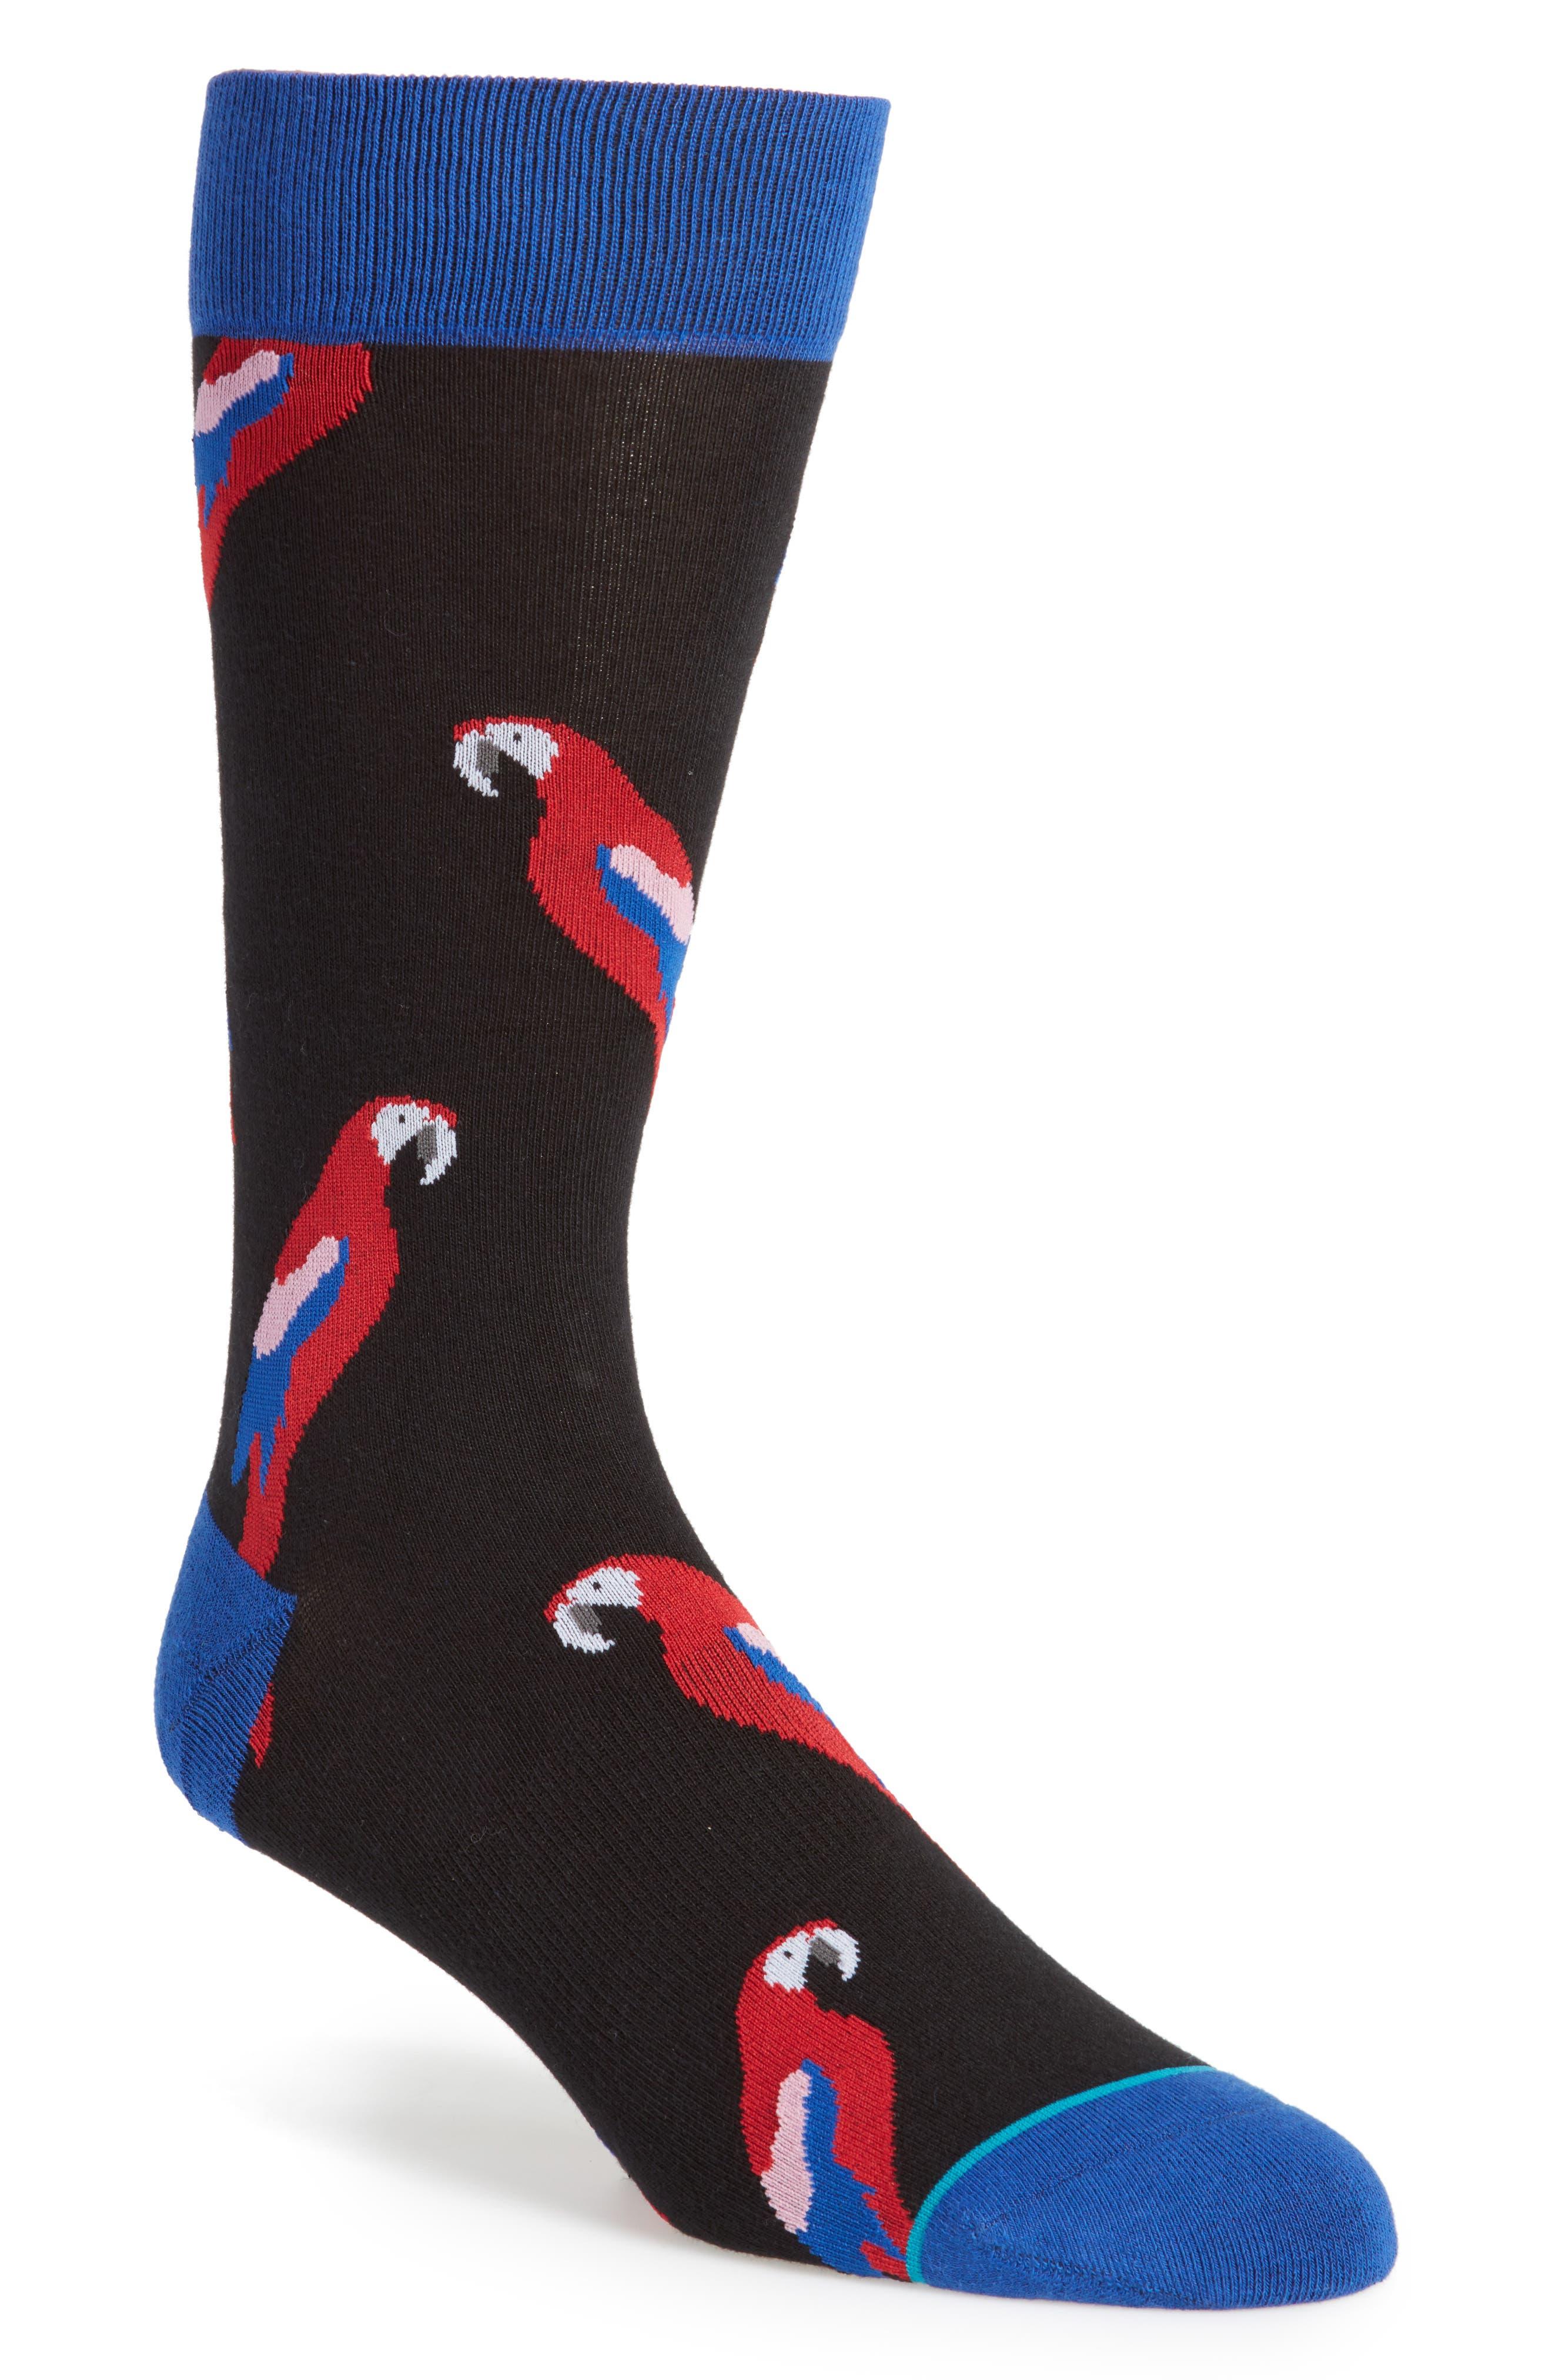 Polly 2 Crew Socks,                         Main,                         color, Black